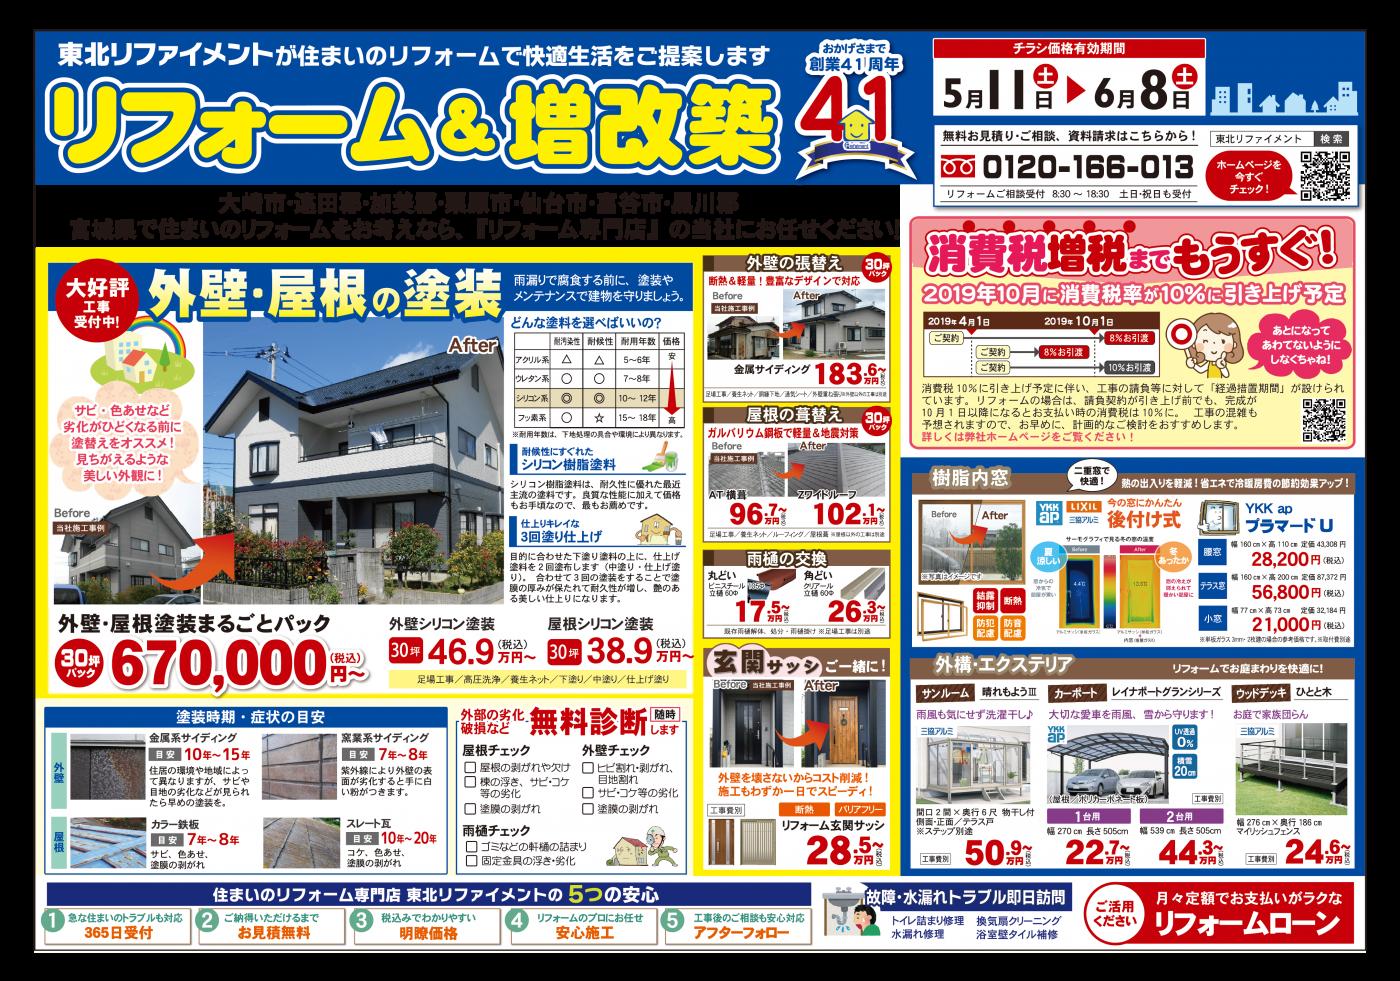 広告(2019_05_11) リフォーム総合 B4 OTL 表